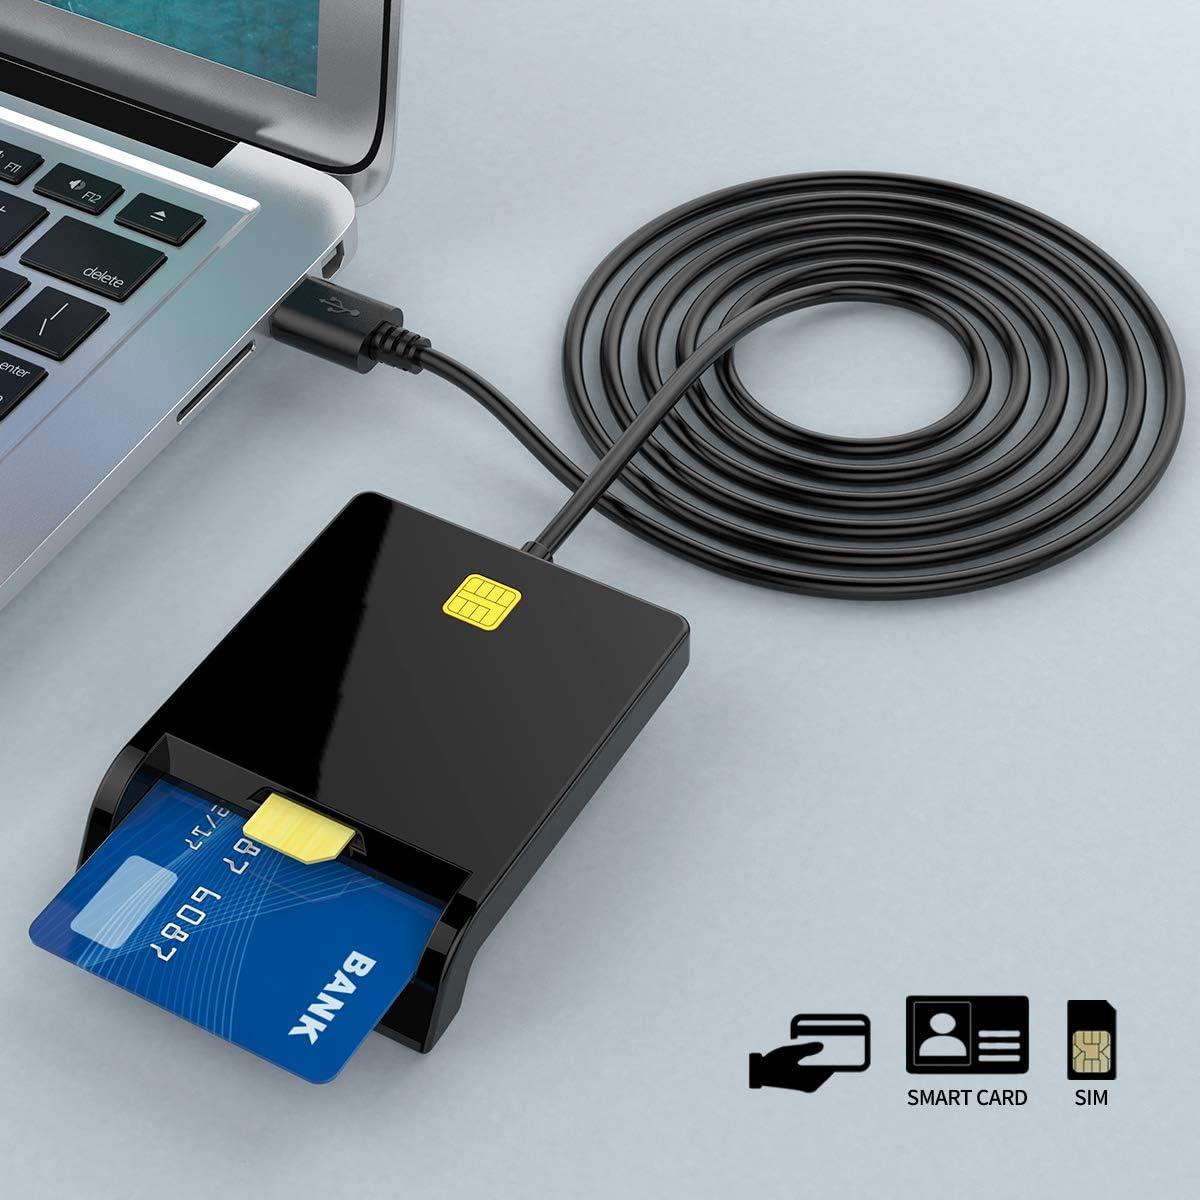 Mac OS DOD Militar USB Adaptador de lector de tarjetas CAC de acceso com/ún| Lector de tarjetas SIM lector de tarjetas CAC Compatible con Windows XP // Vista // 7//8//11 Lector de tarjetas inteligentes